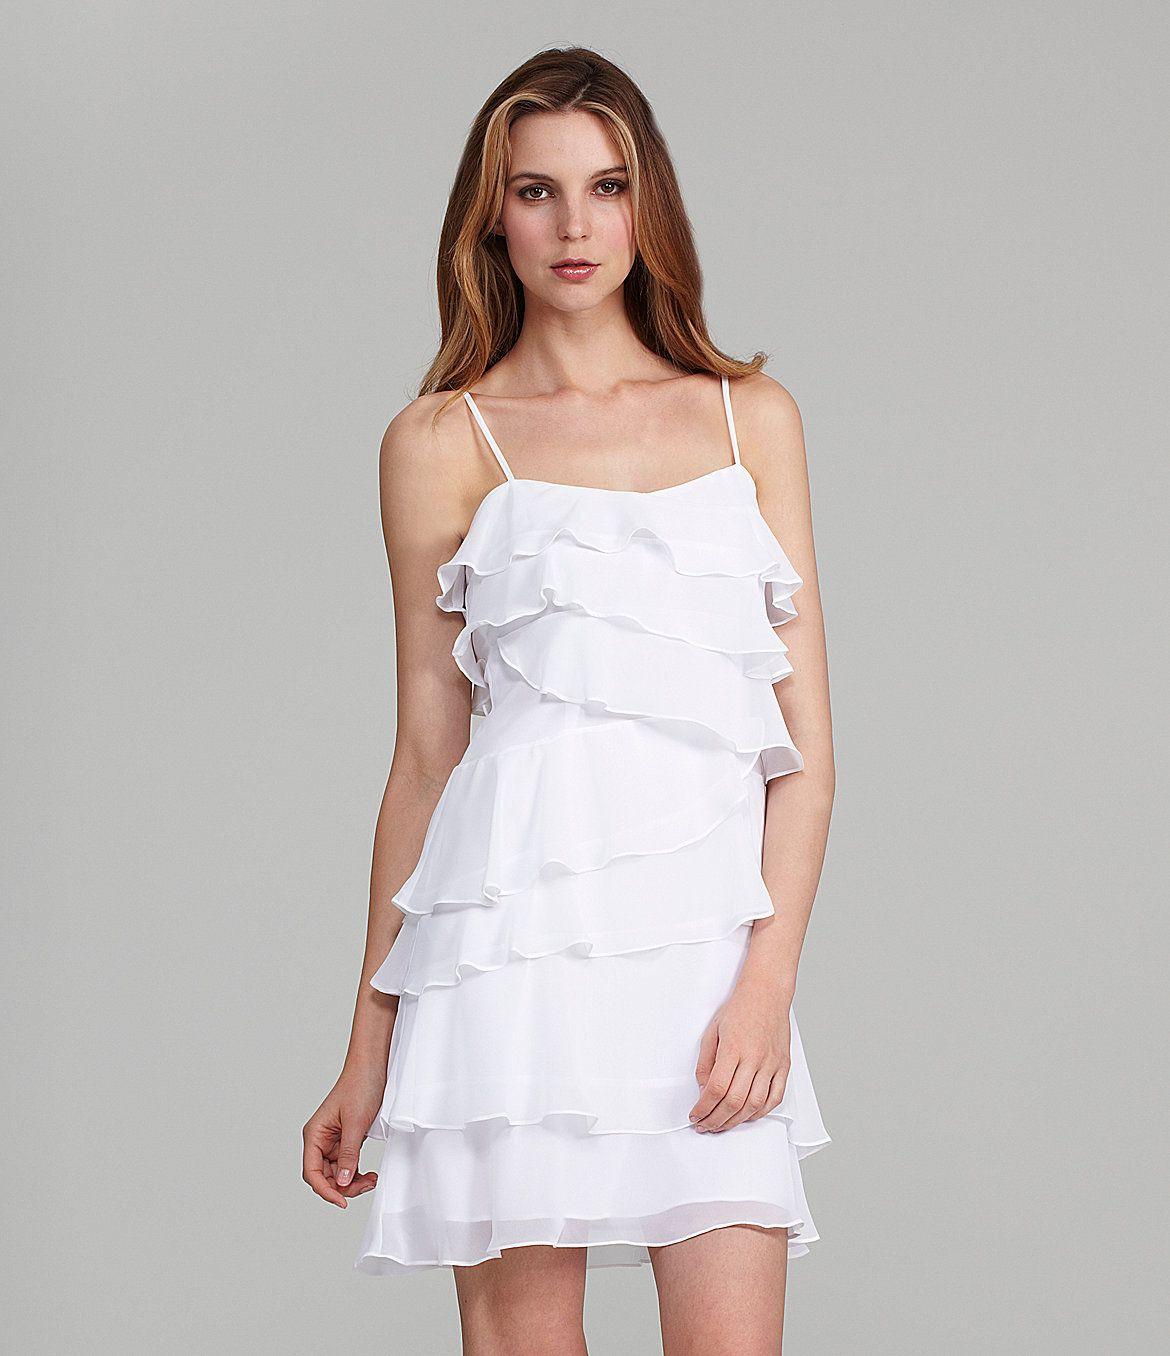 cd2376d9179 Calvin Klein Chiffon Tiered Dress